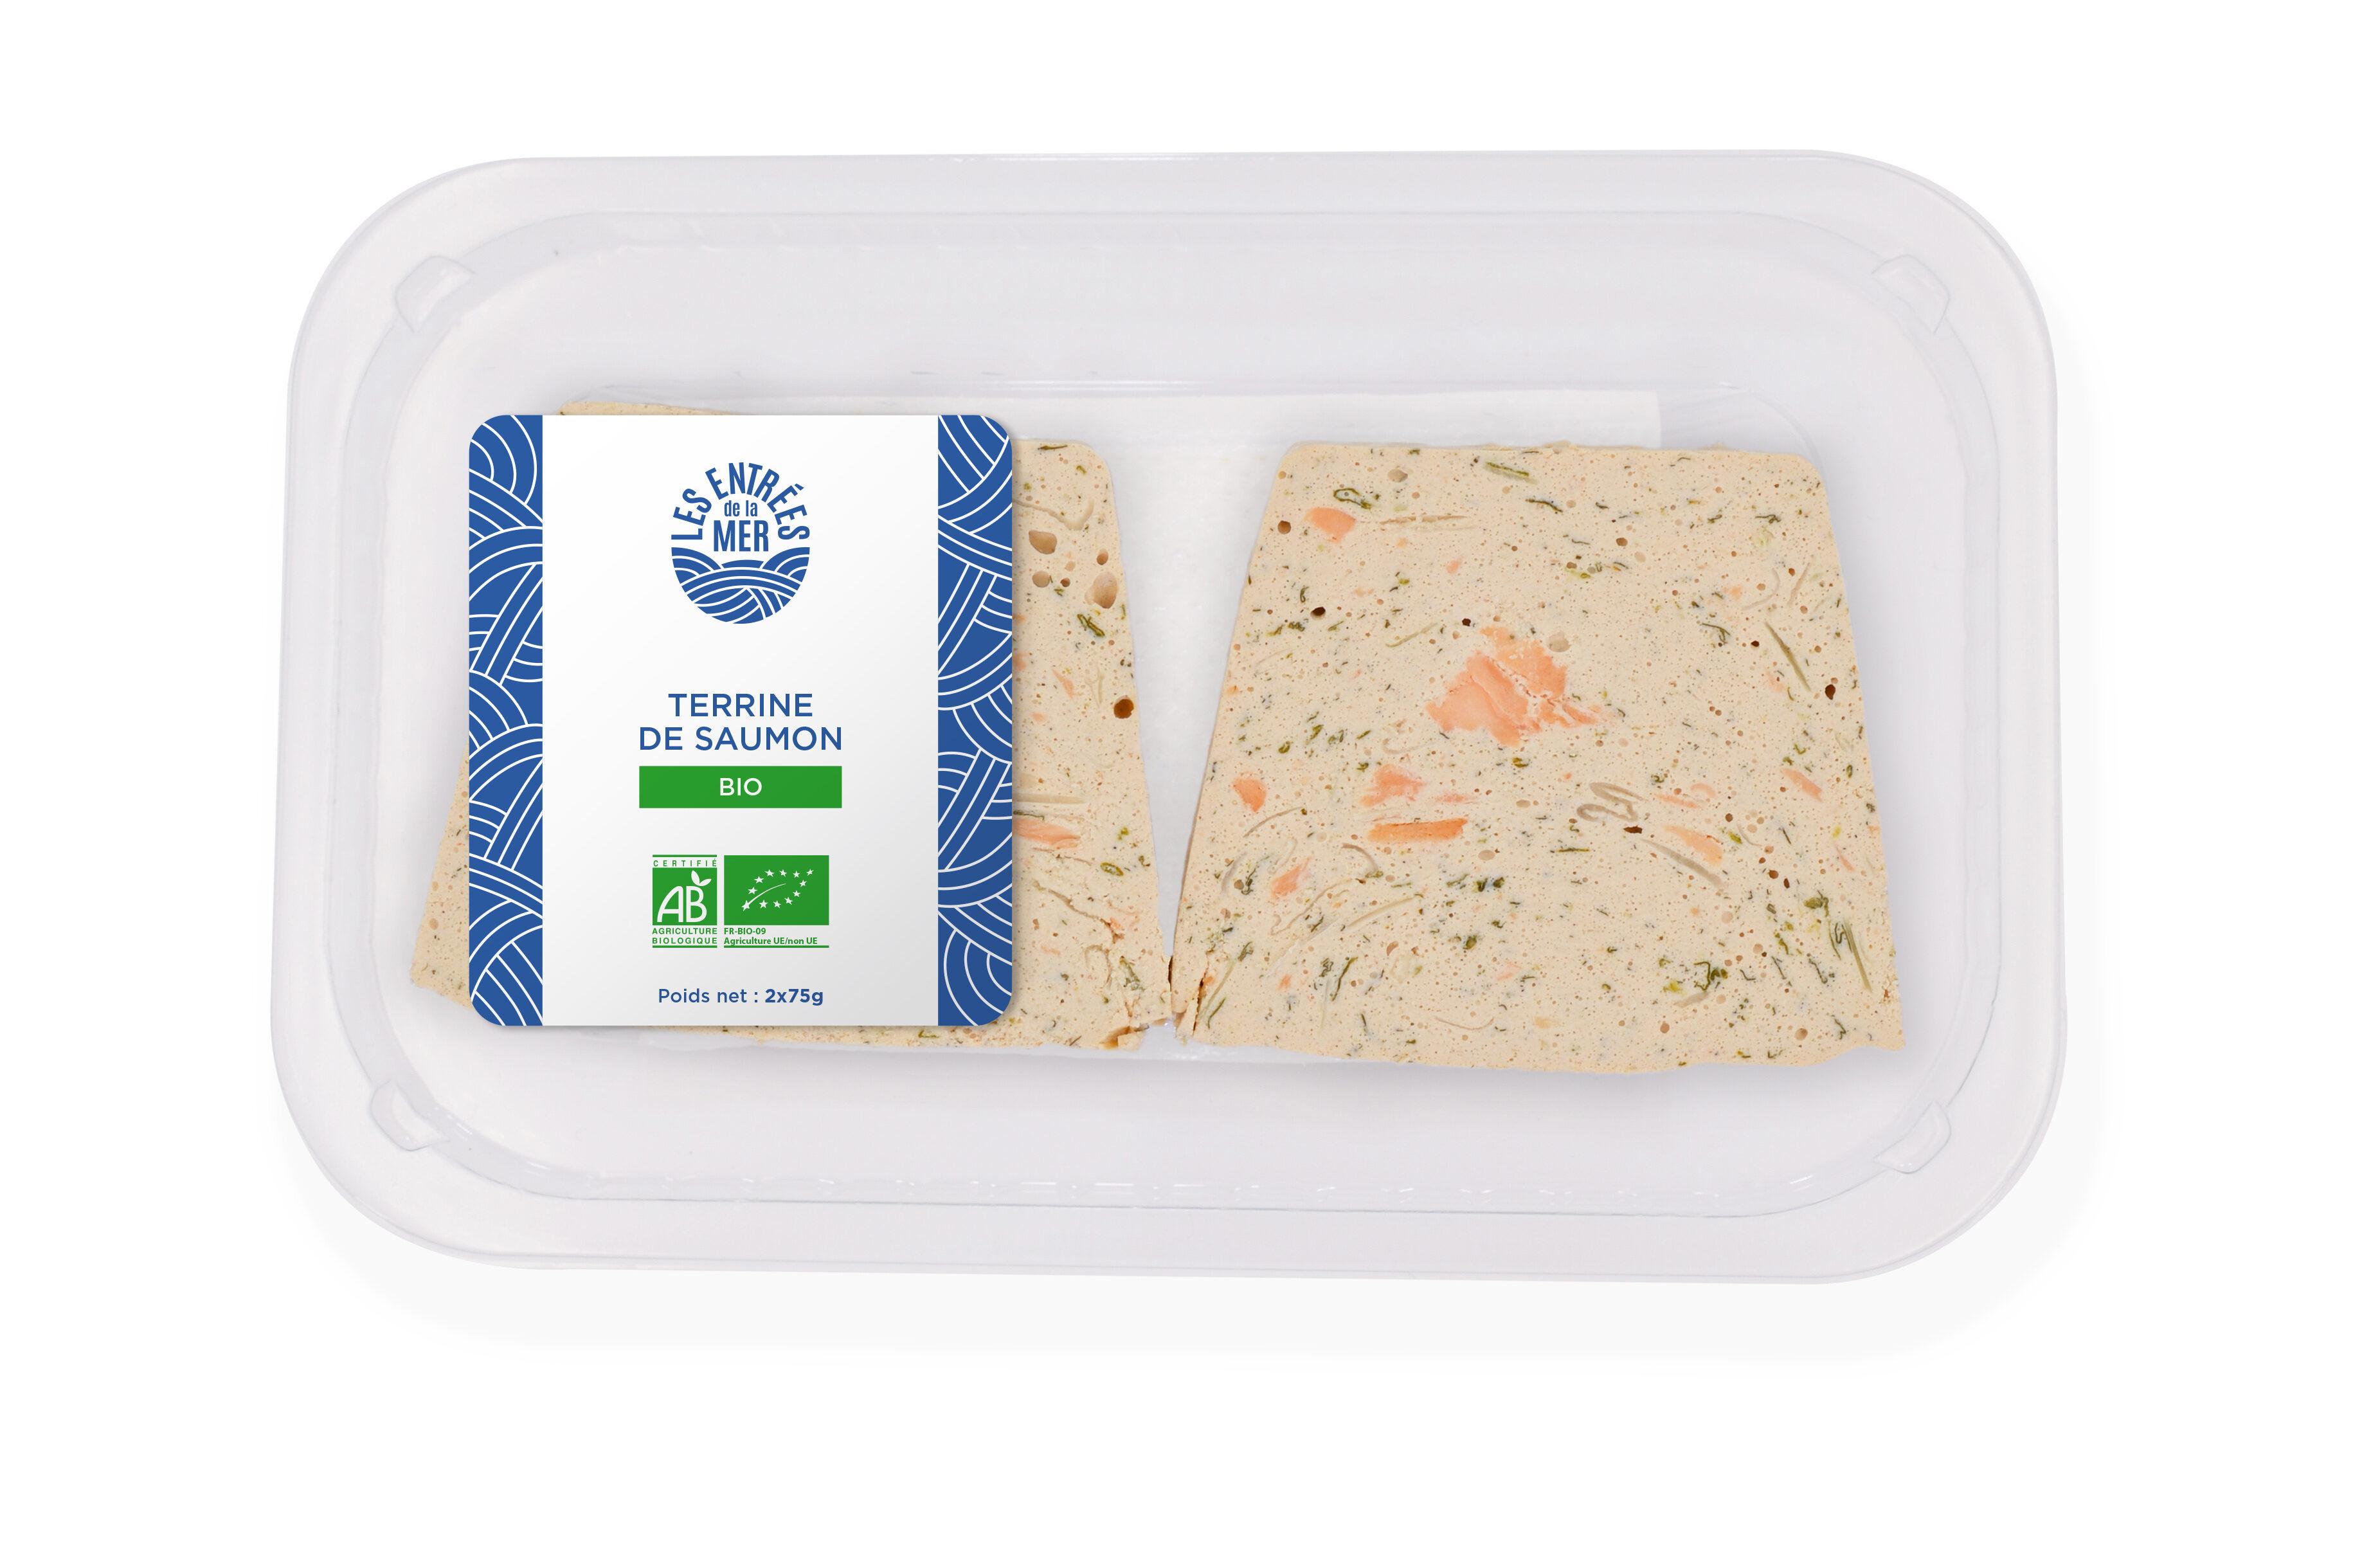 Terrine de saumon Bio - Produit - fr